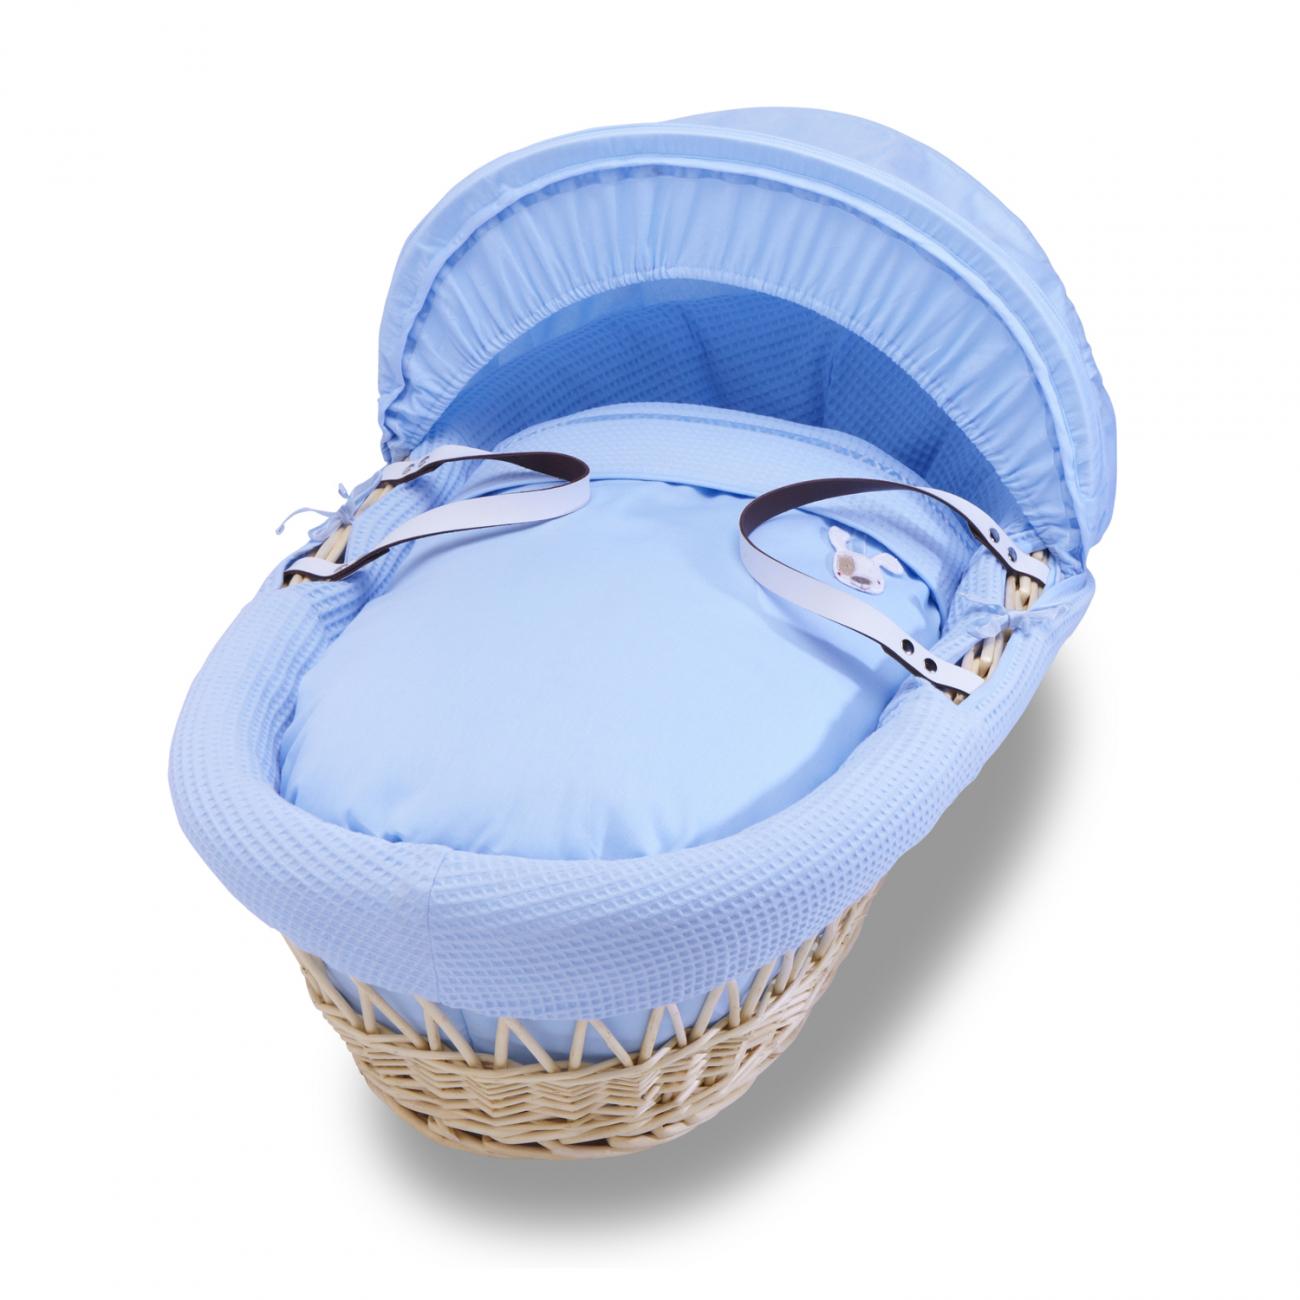 Купить Колыбель-переноска Gift Wicker Moses Basket натуральная, голубое белье в интернет магазине дизайнерской мебели и аксессуаров для дома и дачи